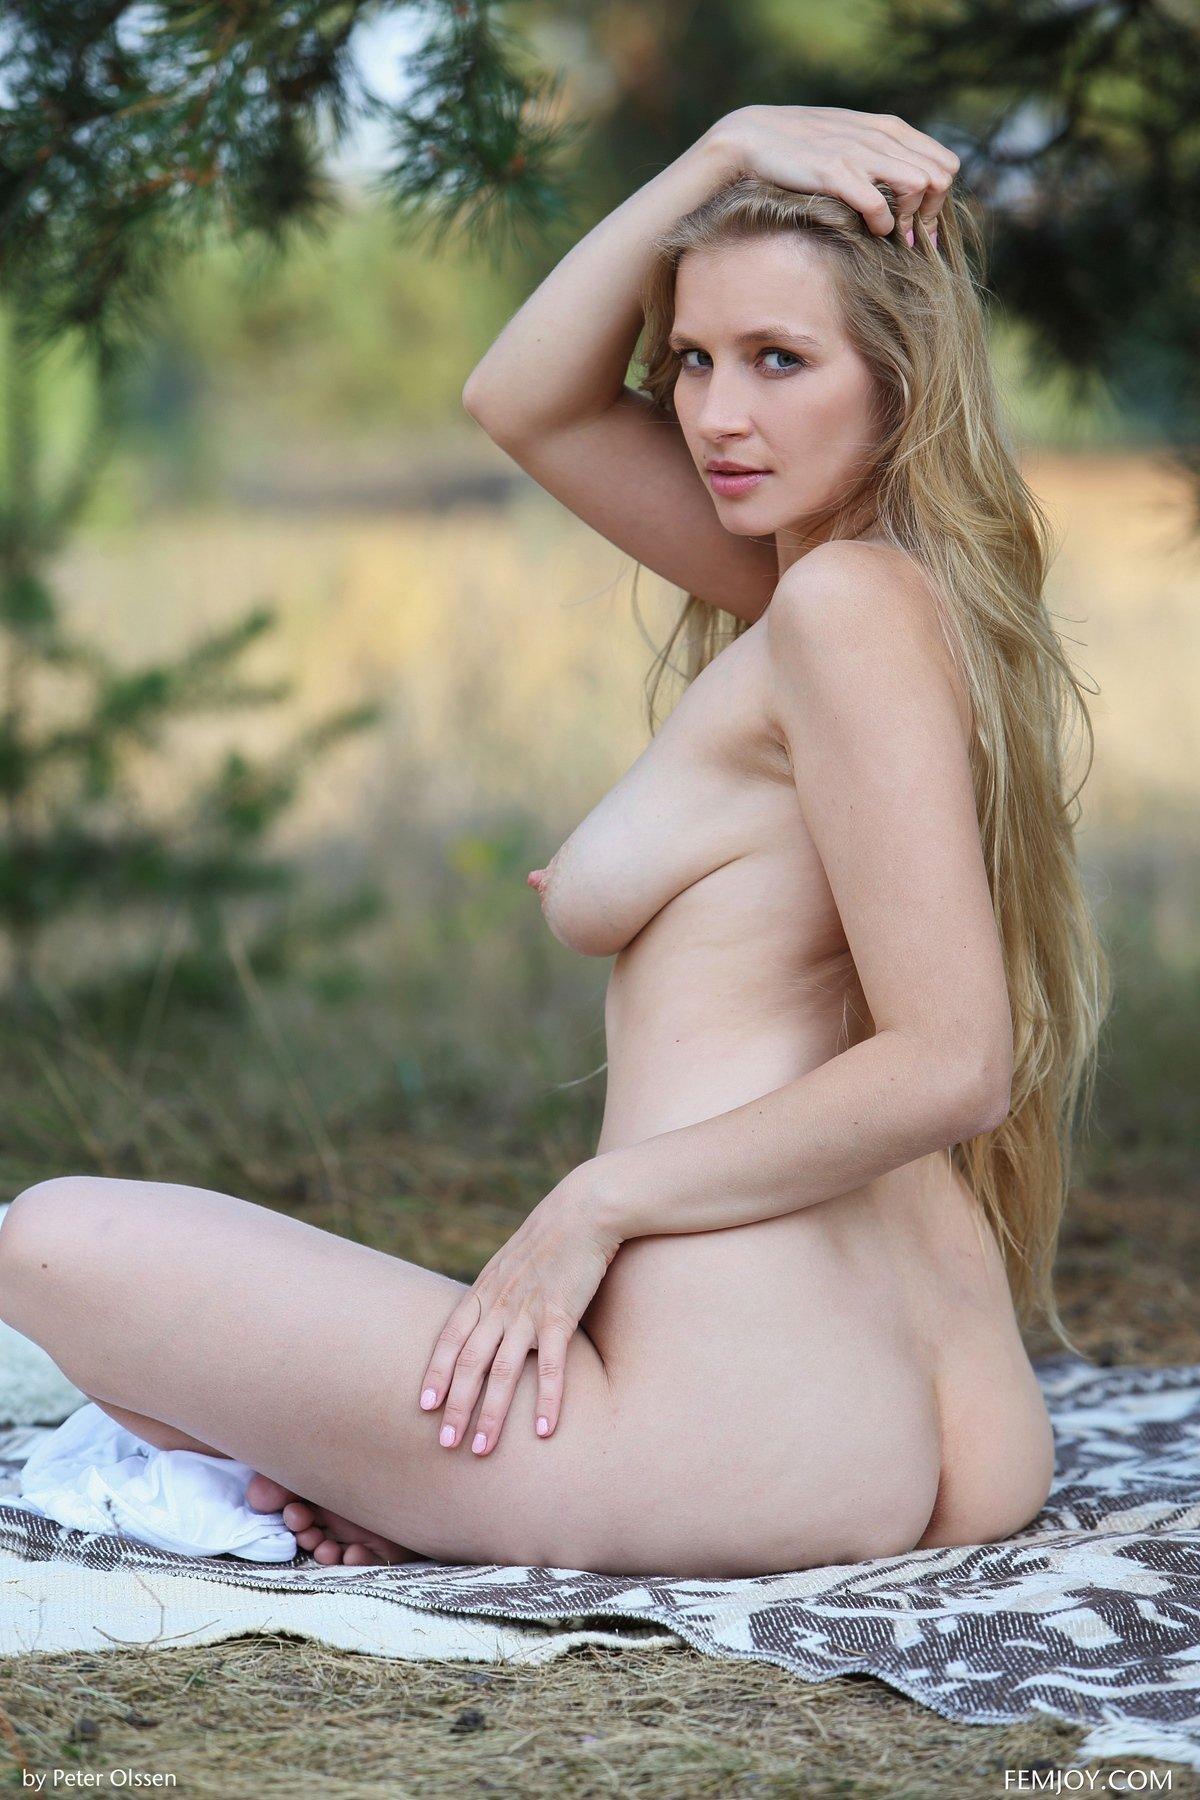 Девушка с красивой натуральной грудью на природе